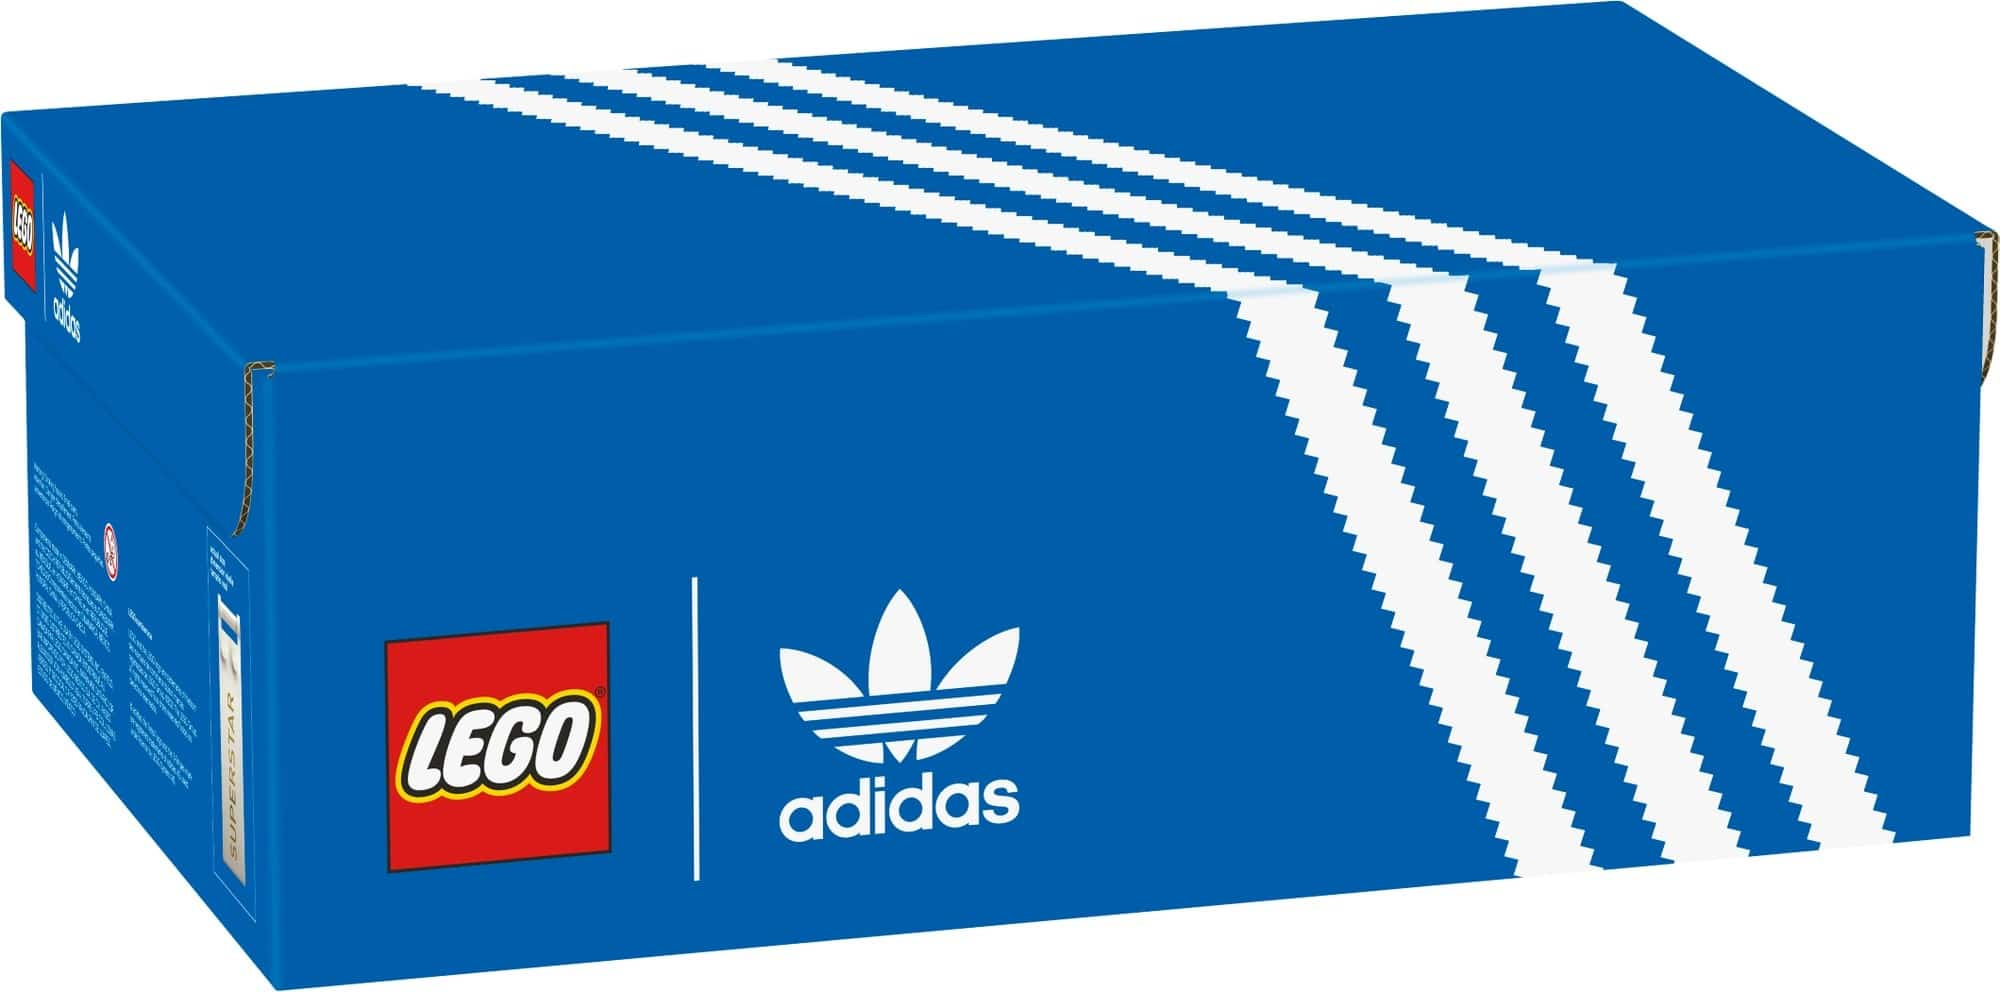 7月1日発売レゴ『10282 アディダス オリジナルス スーパースター』新製品情報(2021)